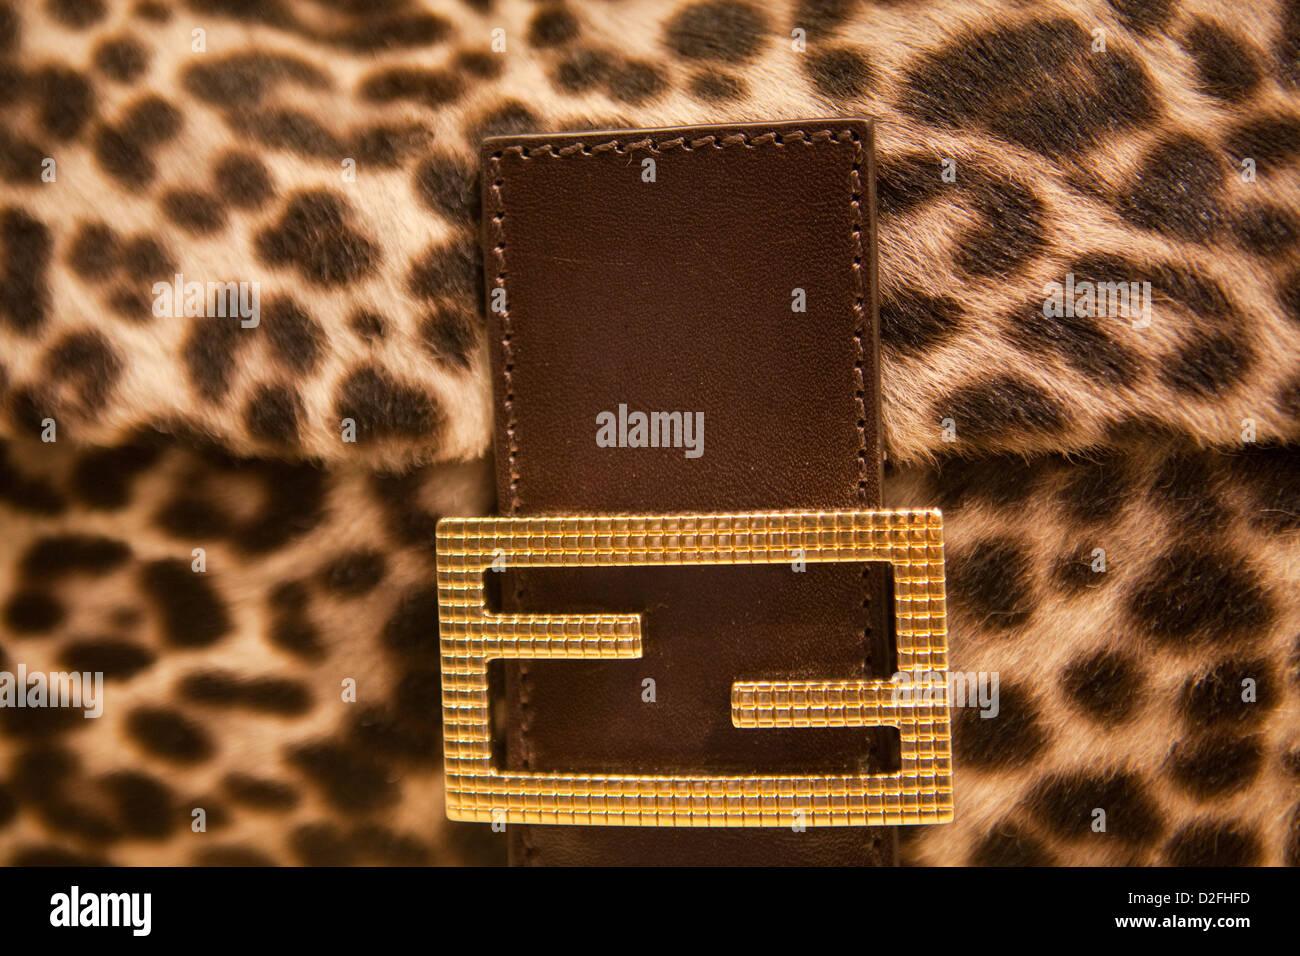 Bag Fendi Baguette in Fendi store in Prague, Czech Republic on June 14, 2012 3bf9c0a05ab